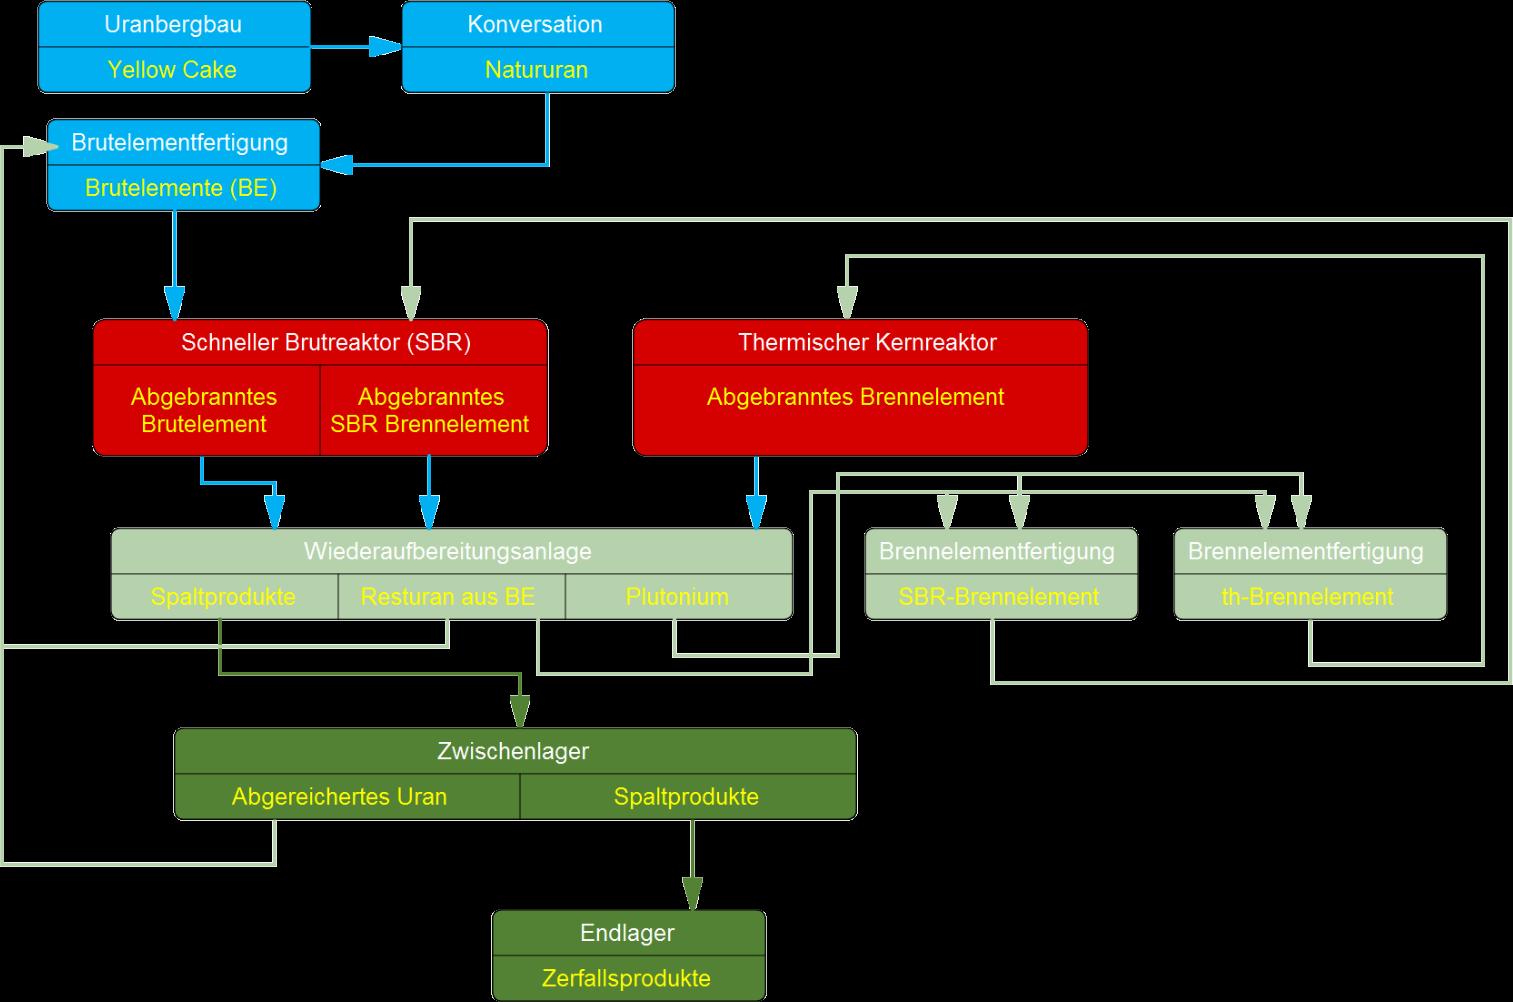 geschlossener_brennstoffkreislauf_mit_thermischen_reaktoren_und_schnellen_bruetern